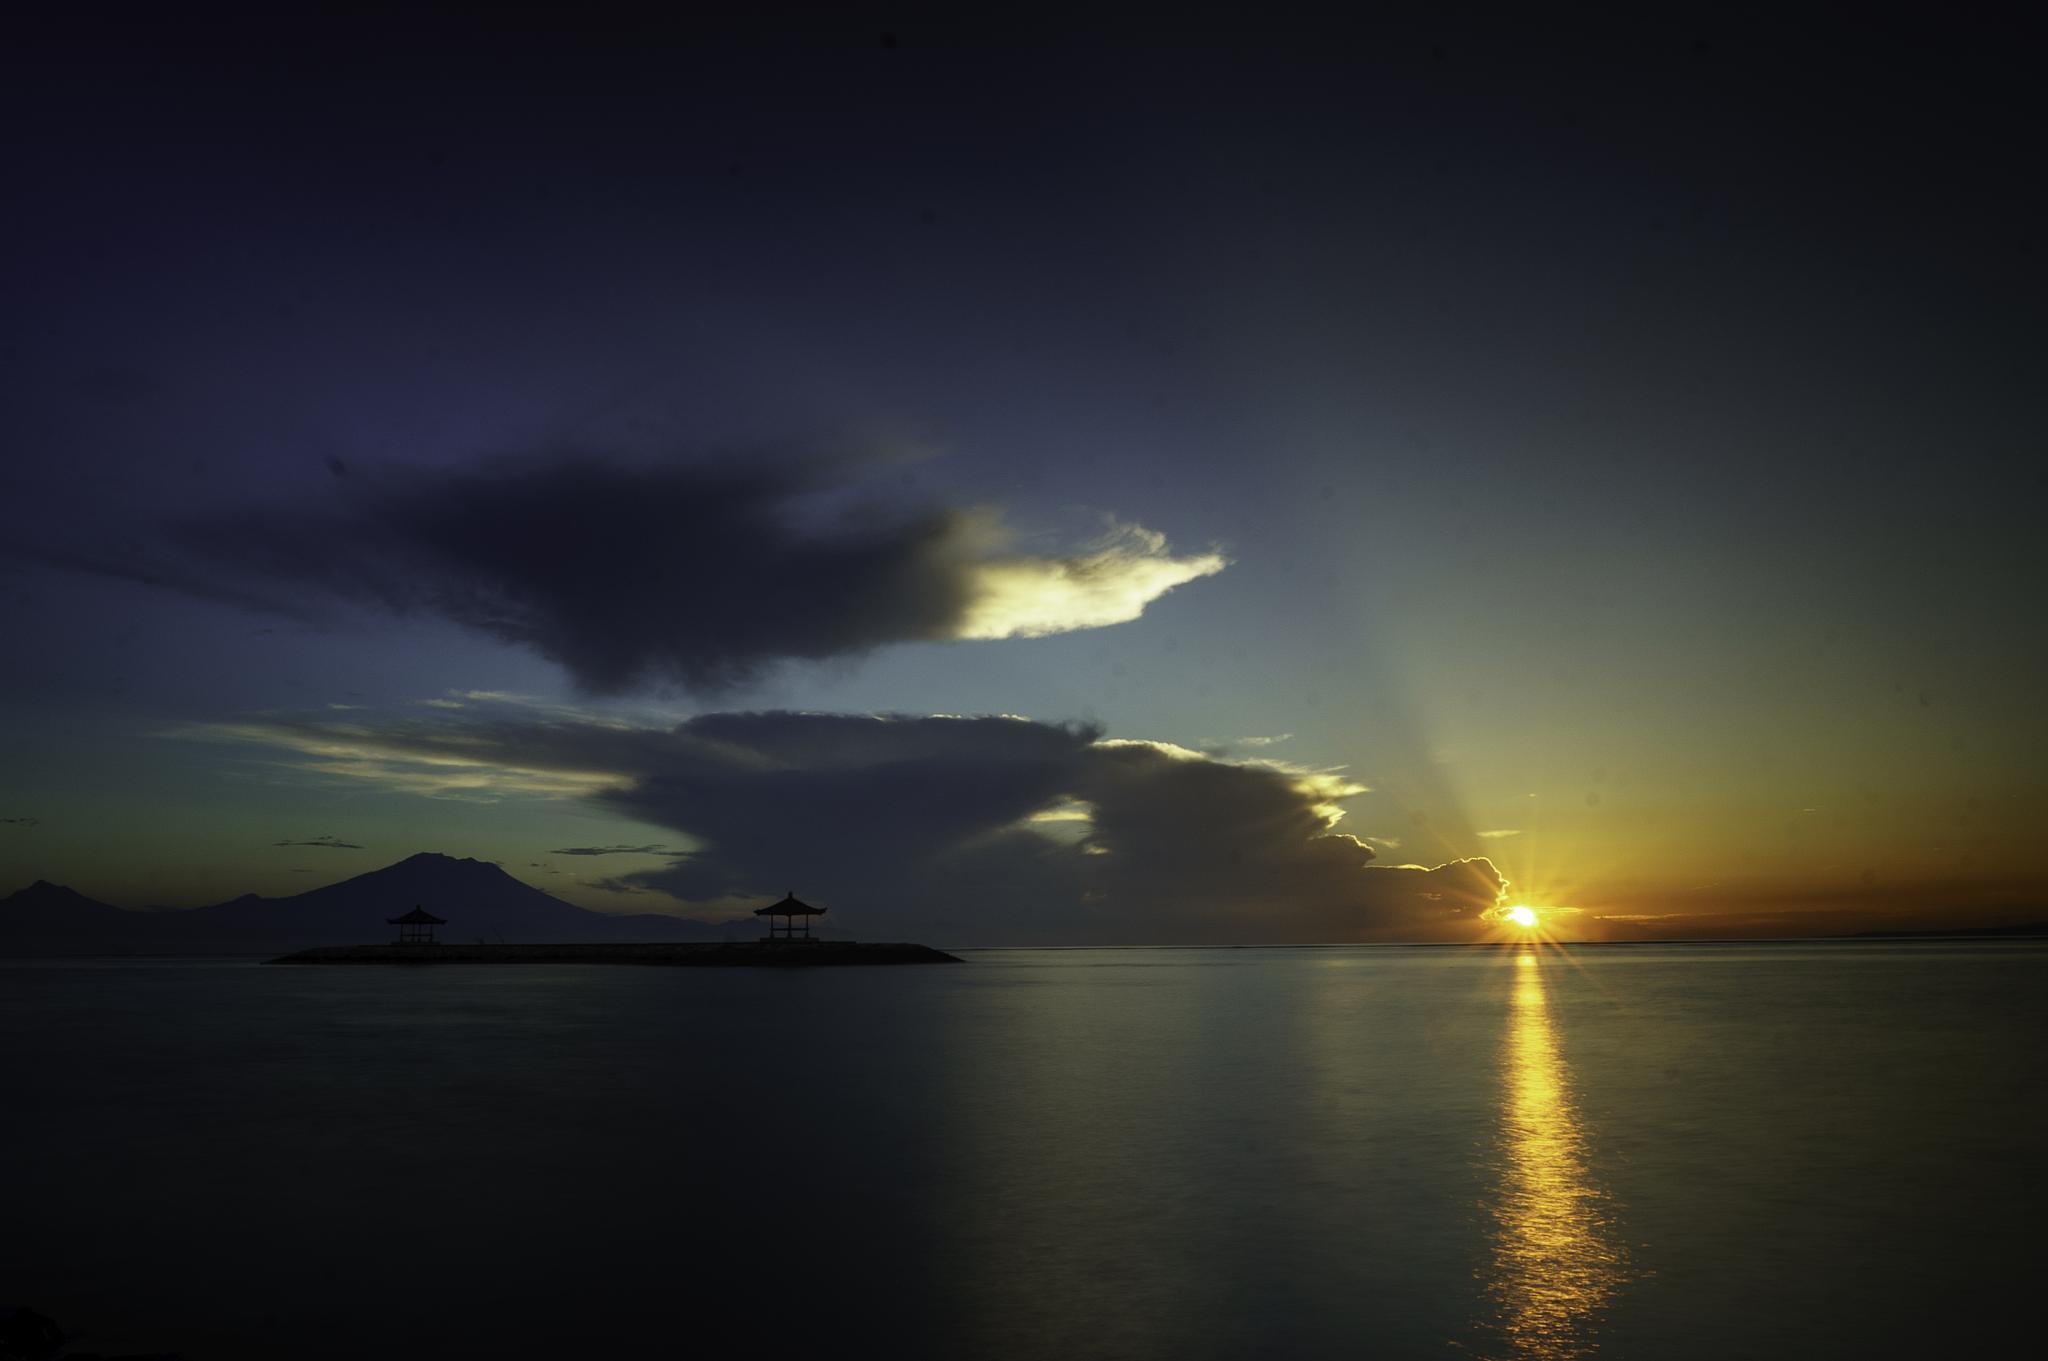 Sunrise at Pantai Karang  by adi